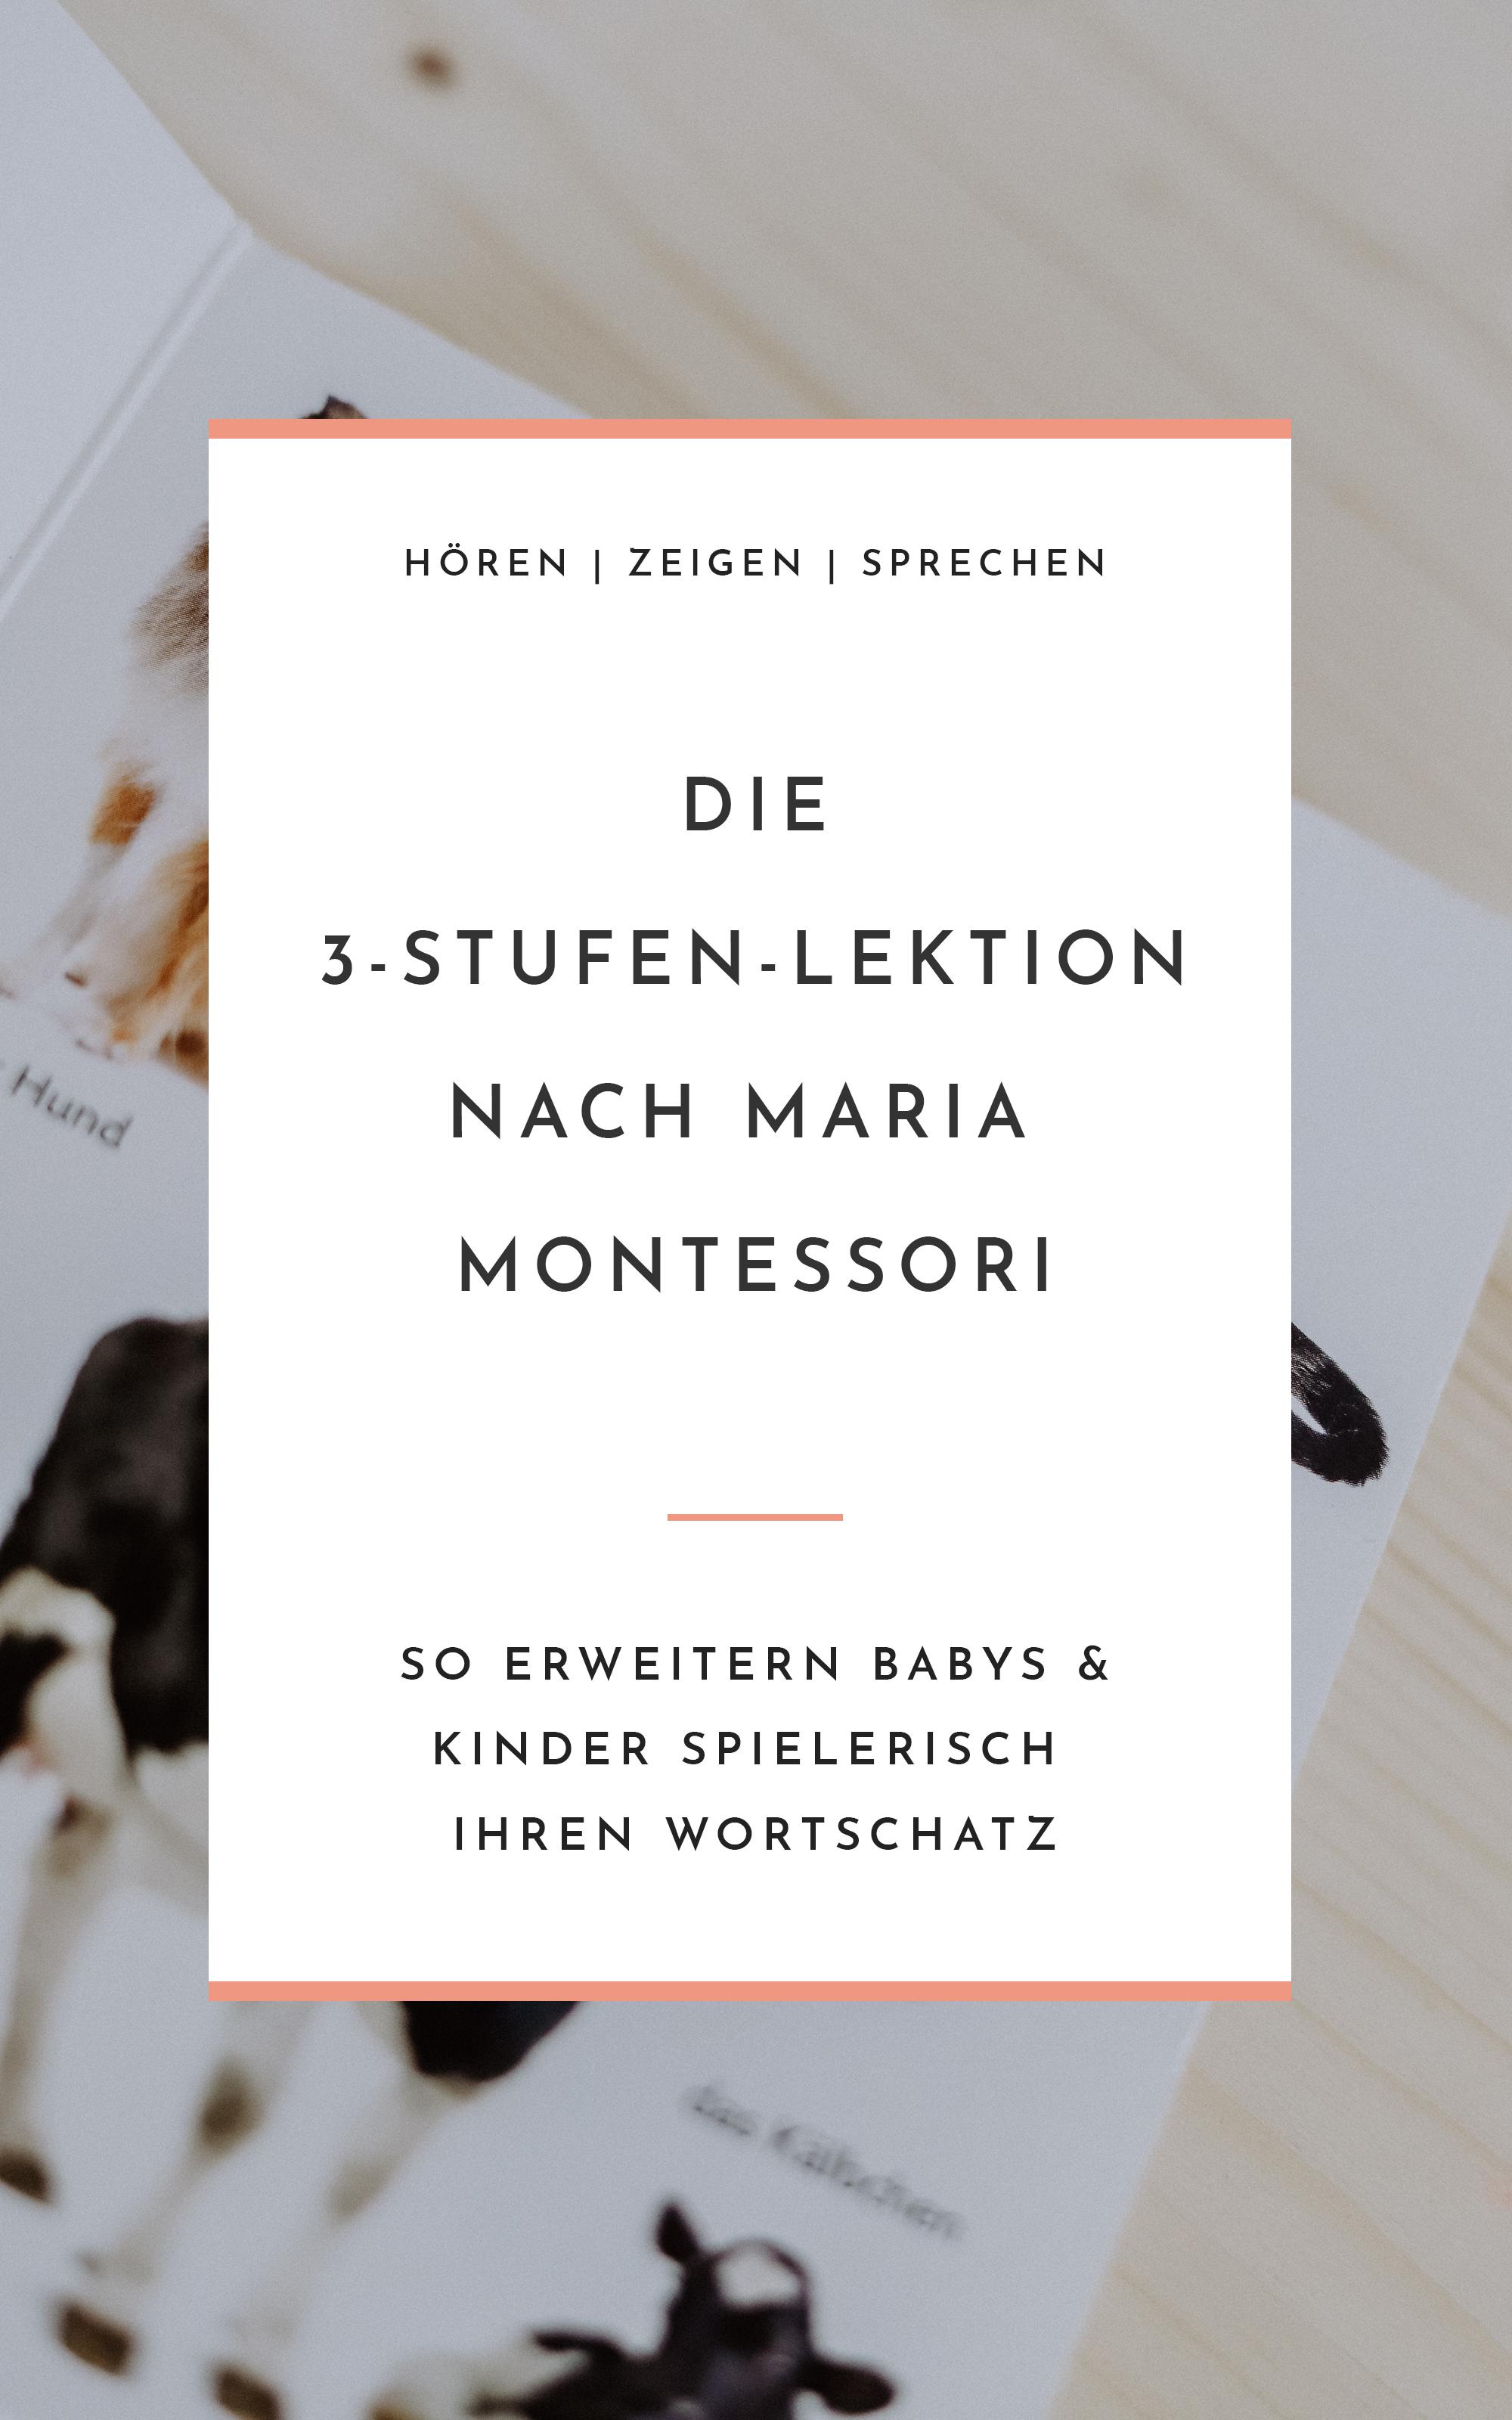 Drei-Stufen-Lektion nach Maria Montessori - Einfach lernen für Babys, Kleinkinder und Schulkinder